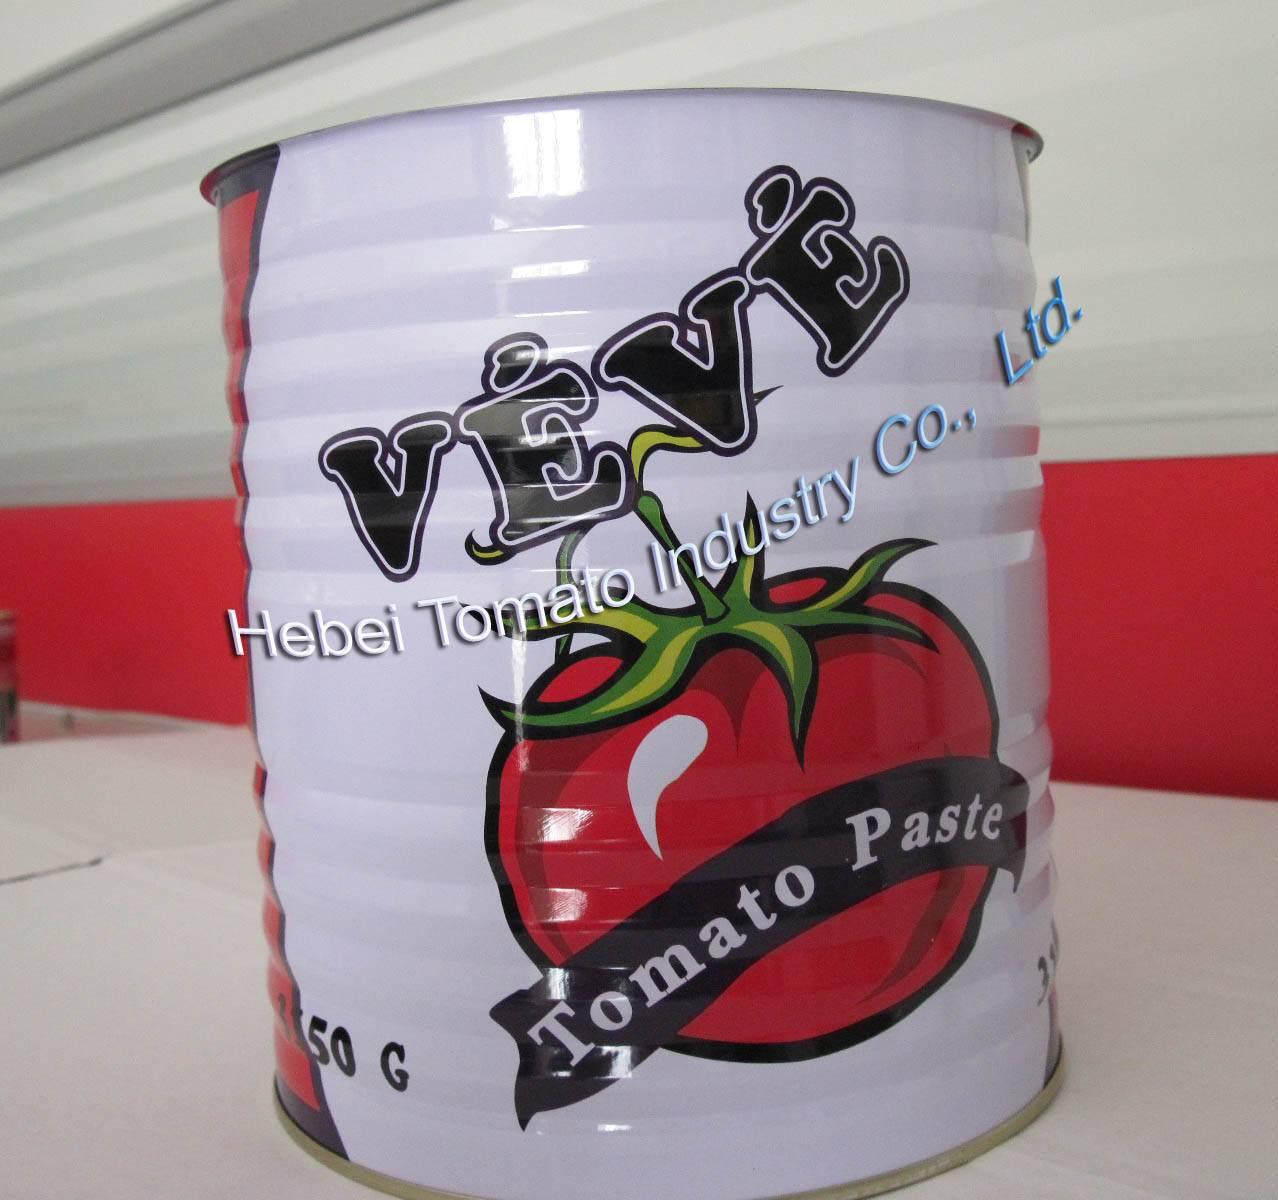 tomato paste 3.15kg